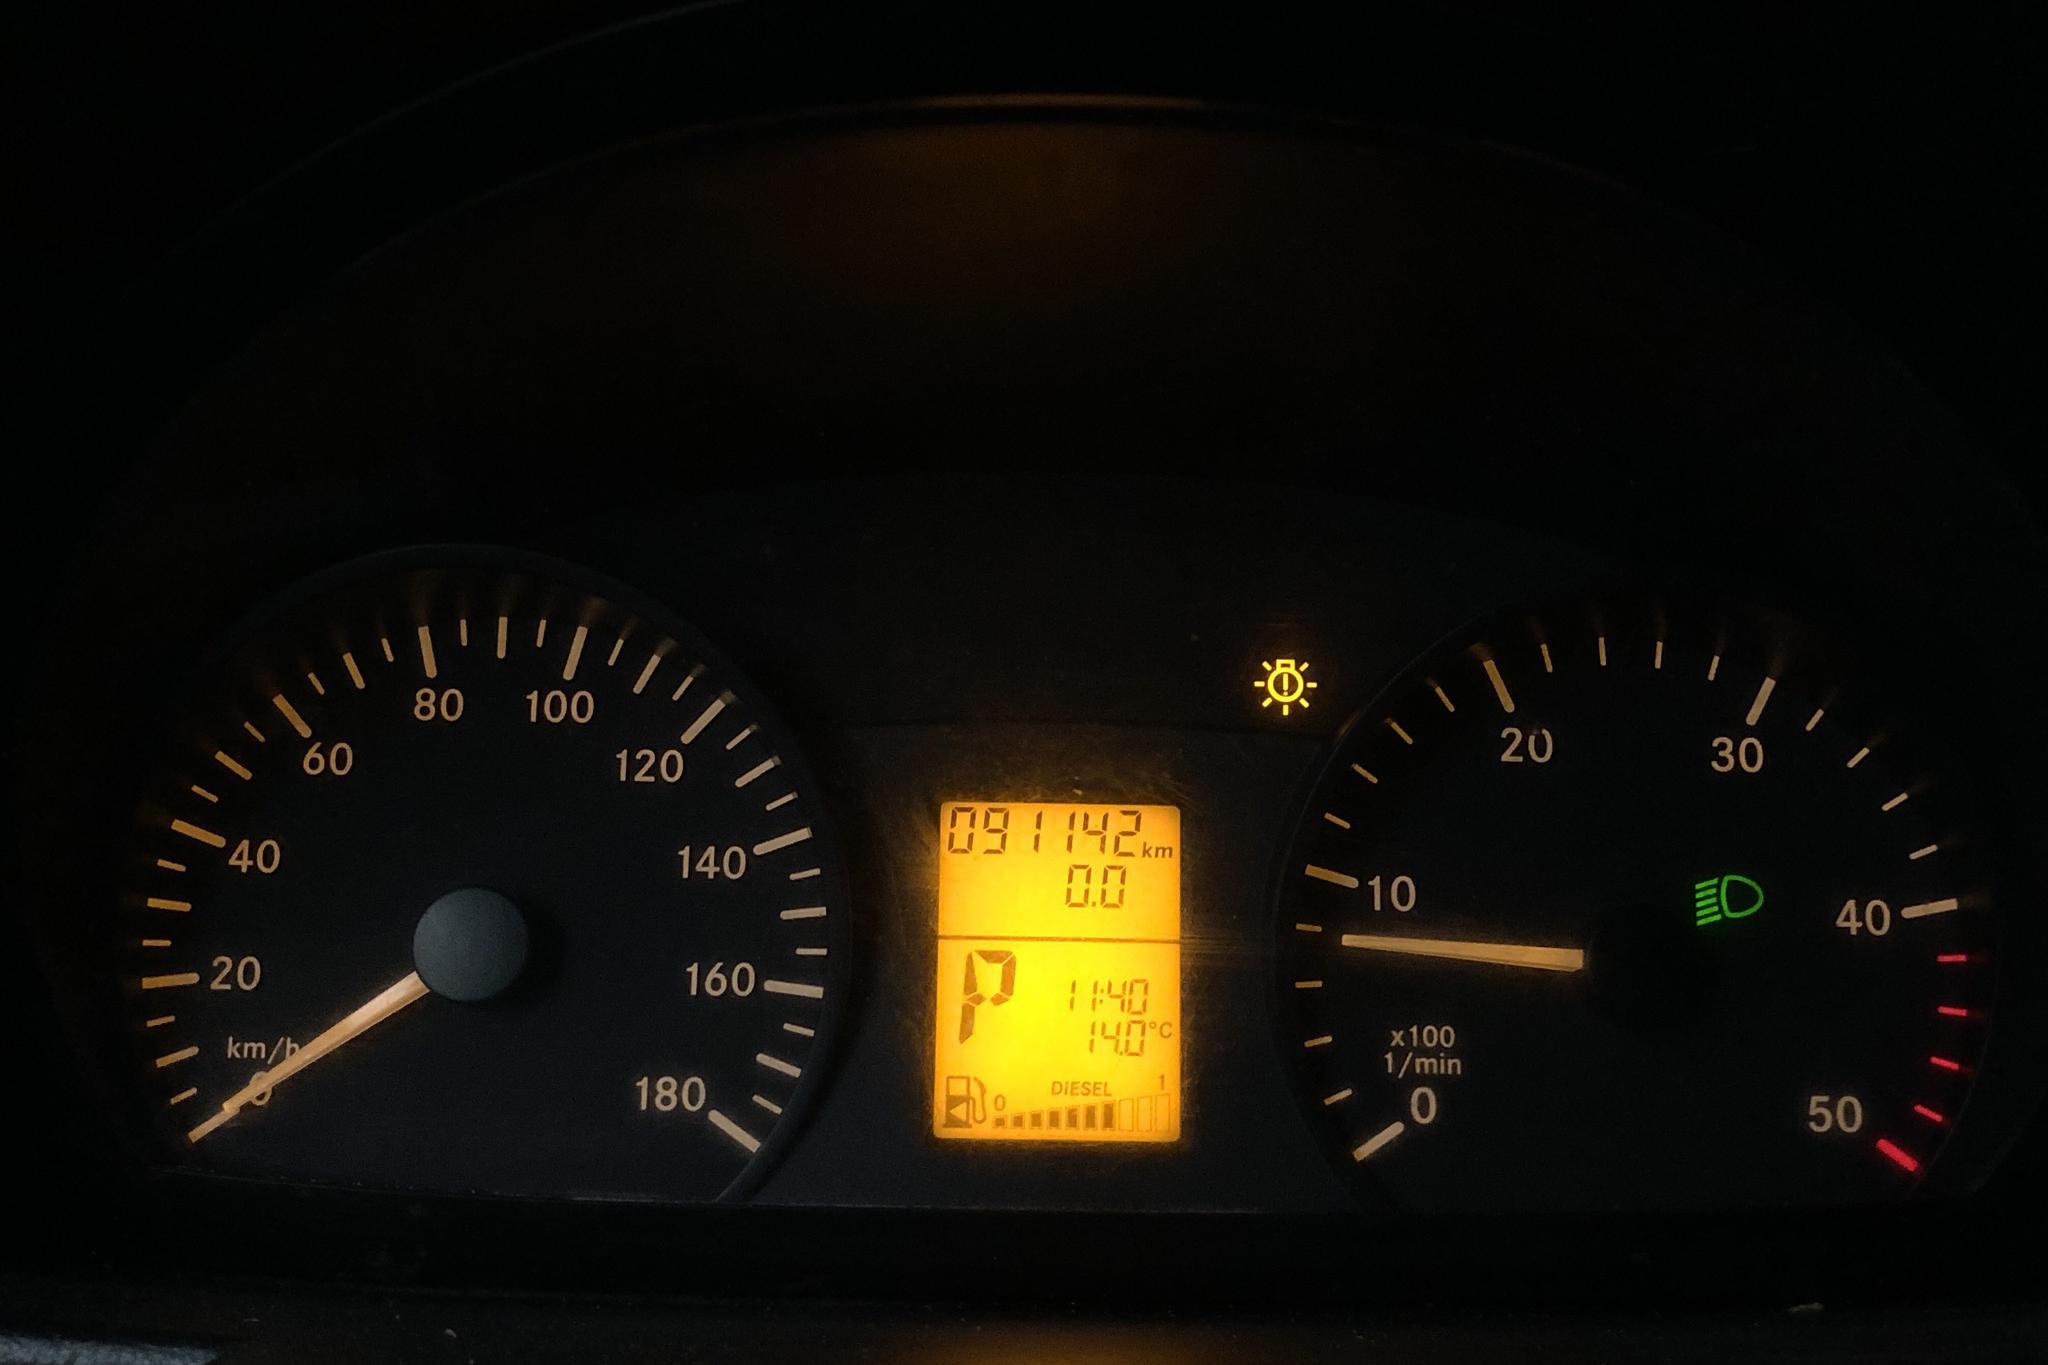 Mercedes Sprinter 316 CDI Kranbil (163hk) - 0 km - Automatic - Multicolored - 2013